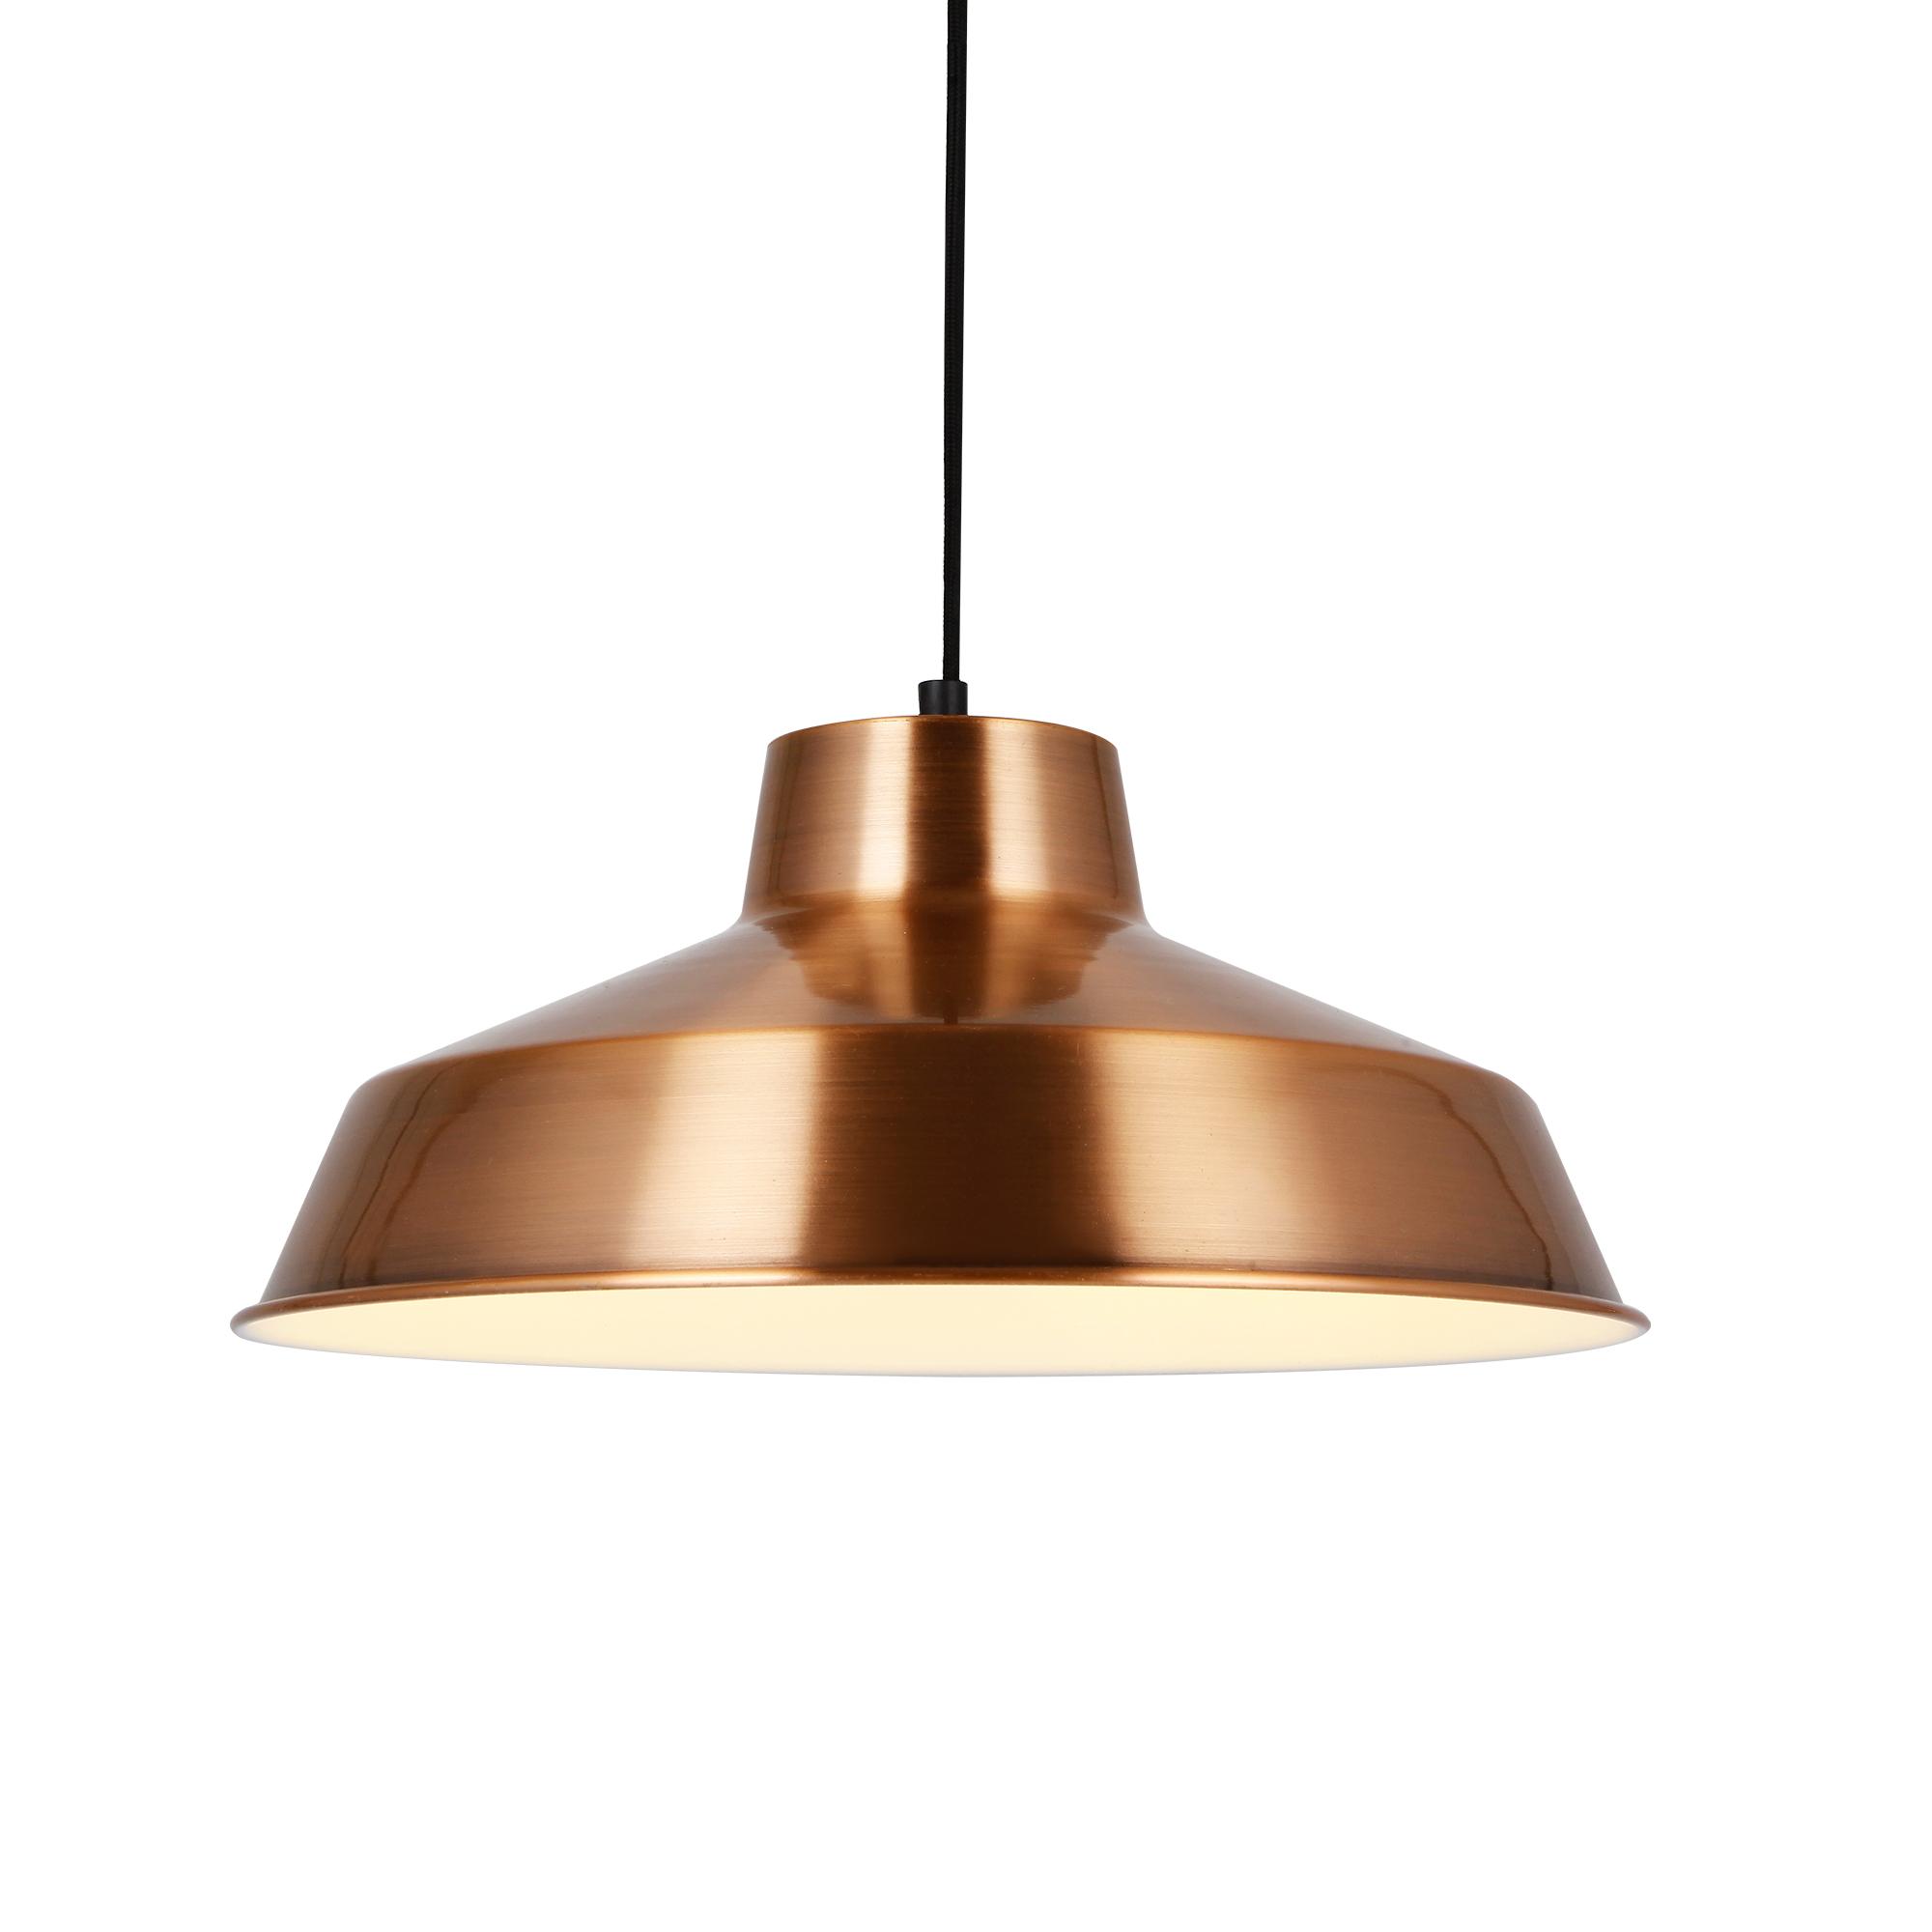 Hängeleuchte Design Decken-Lampe Kupfer Metall [Ø35cm] Pendelleuchte ...